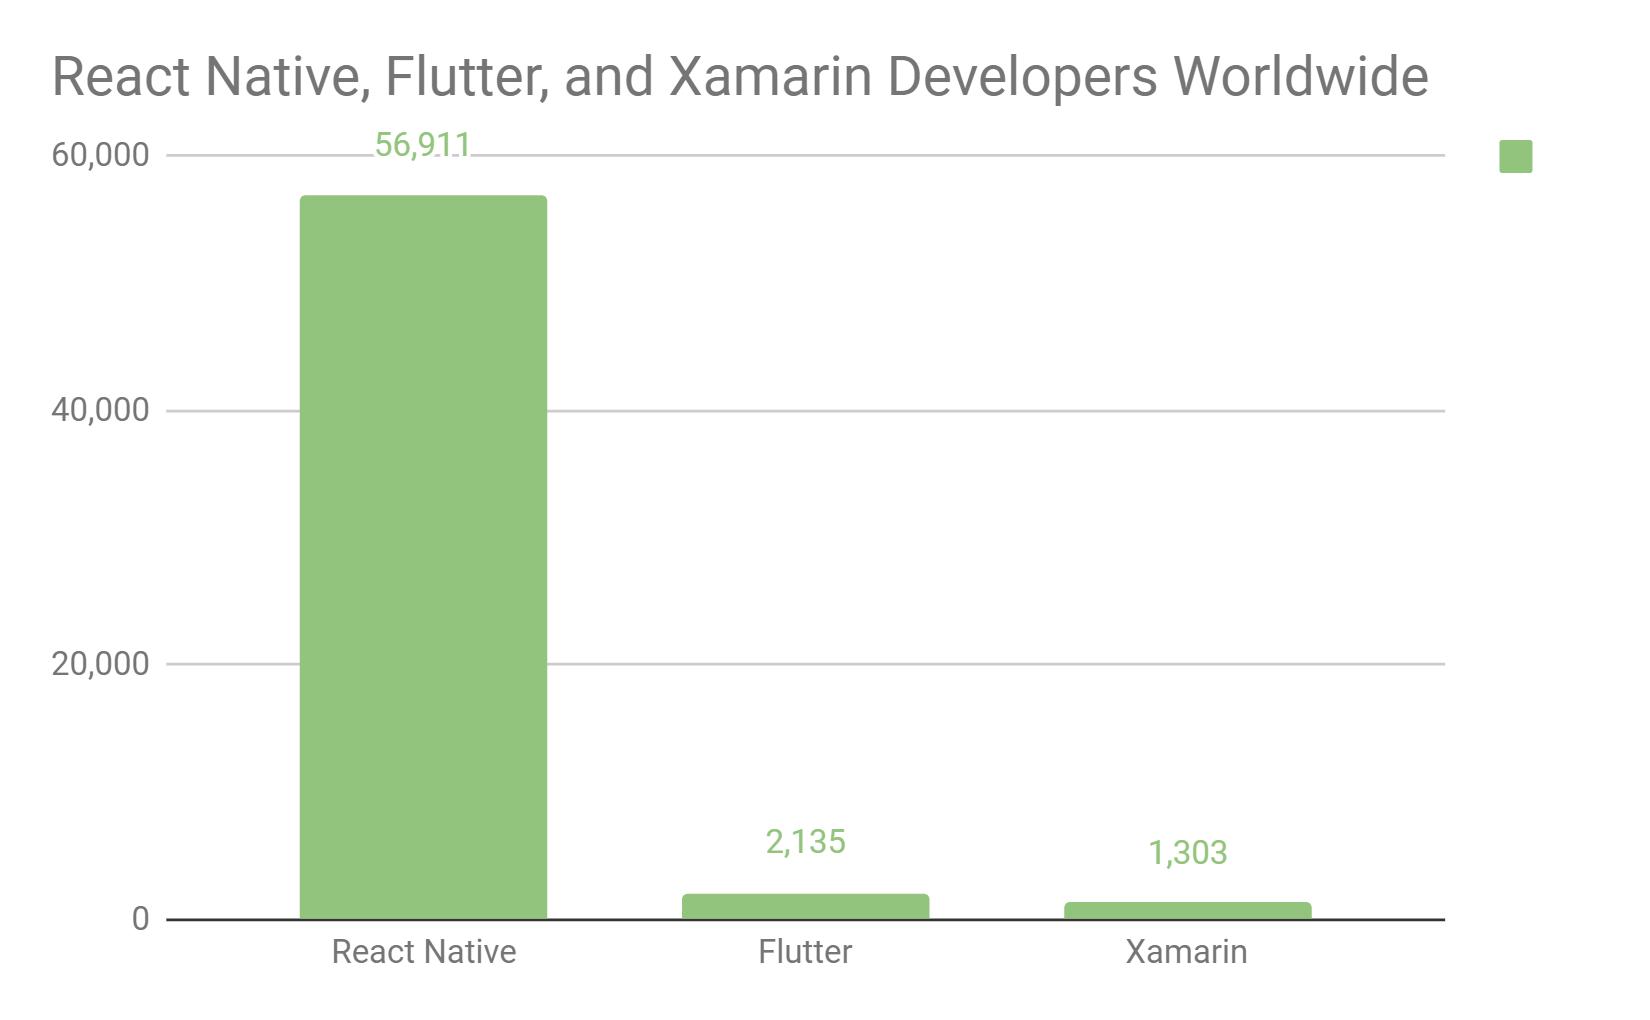 React Native, Flutter, and Xamarin